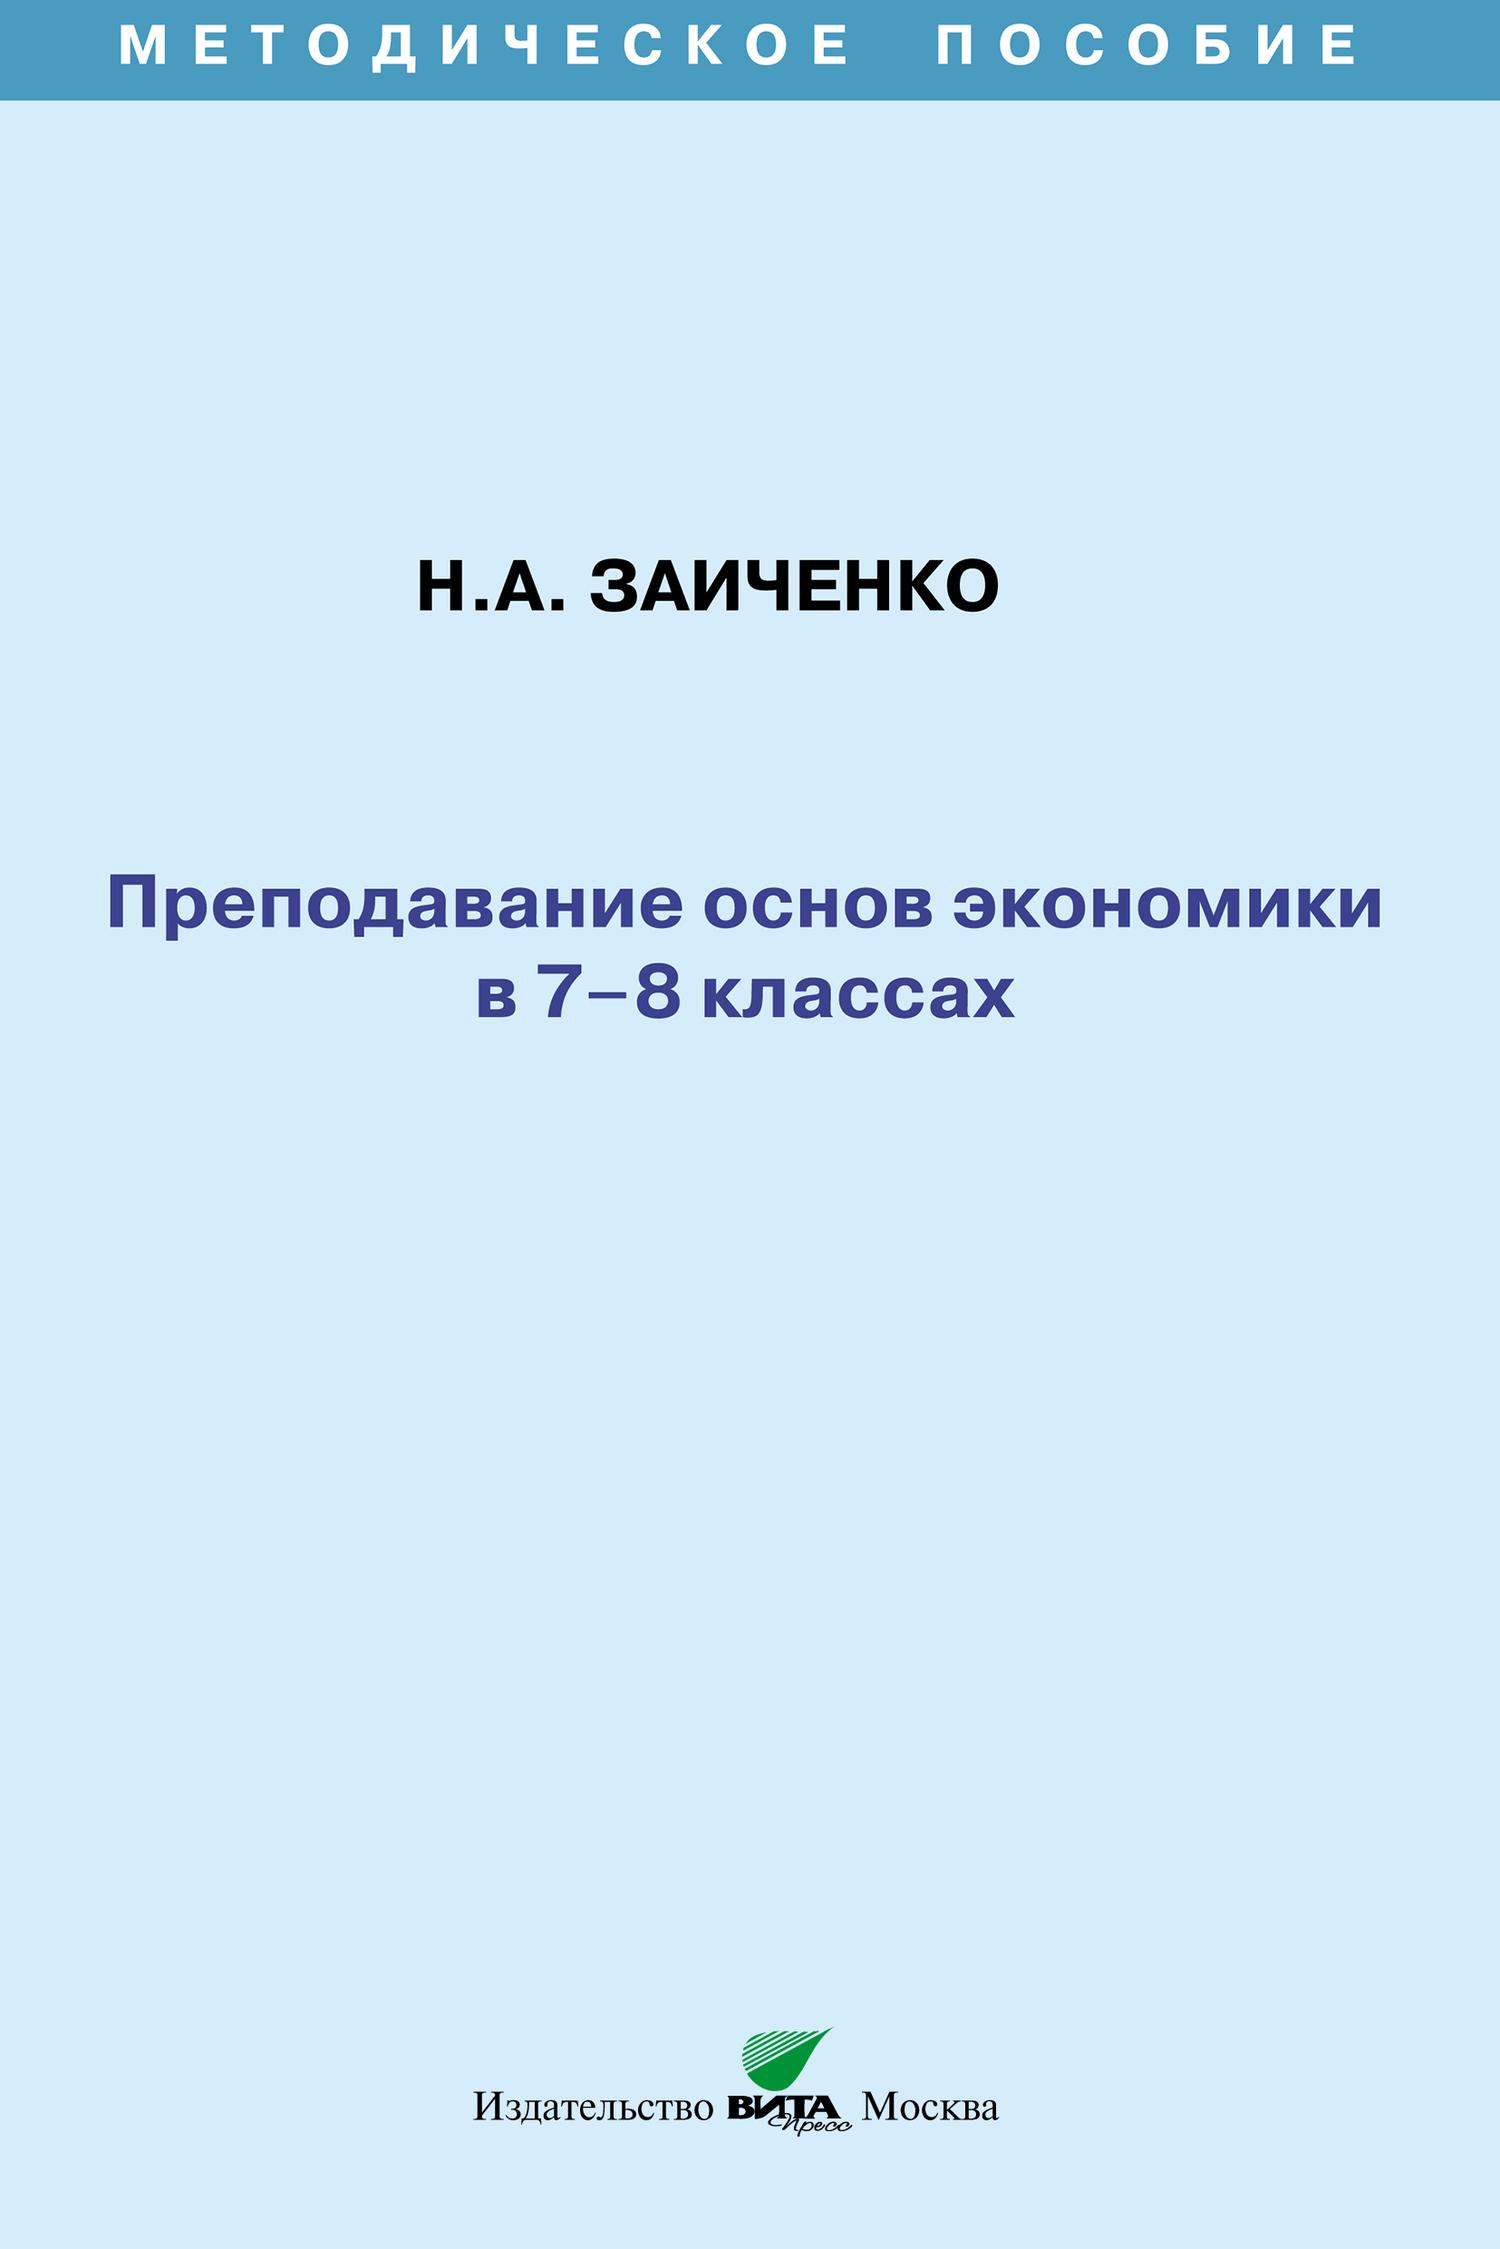 Н. А. Заиченко. Преподавание основ экономики в 7-8 классах. Методическое пособие